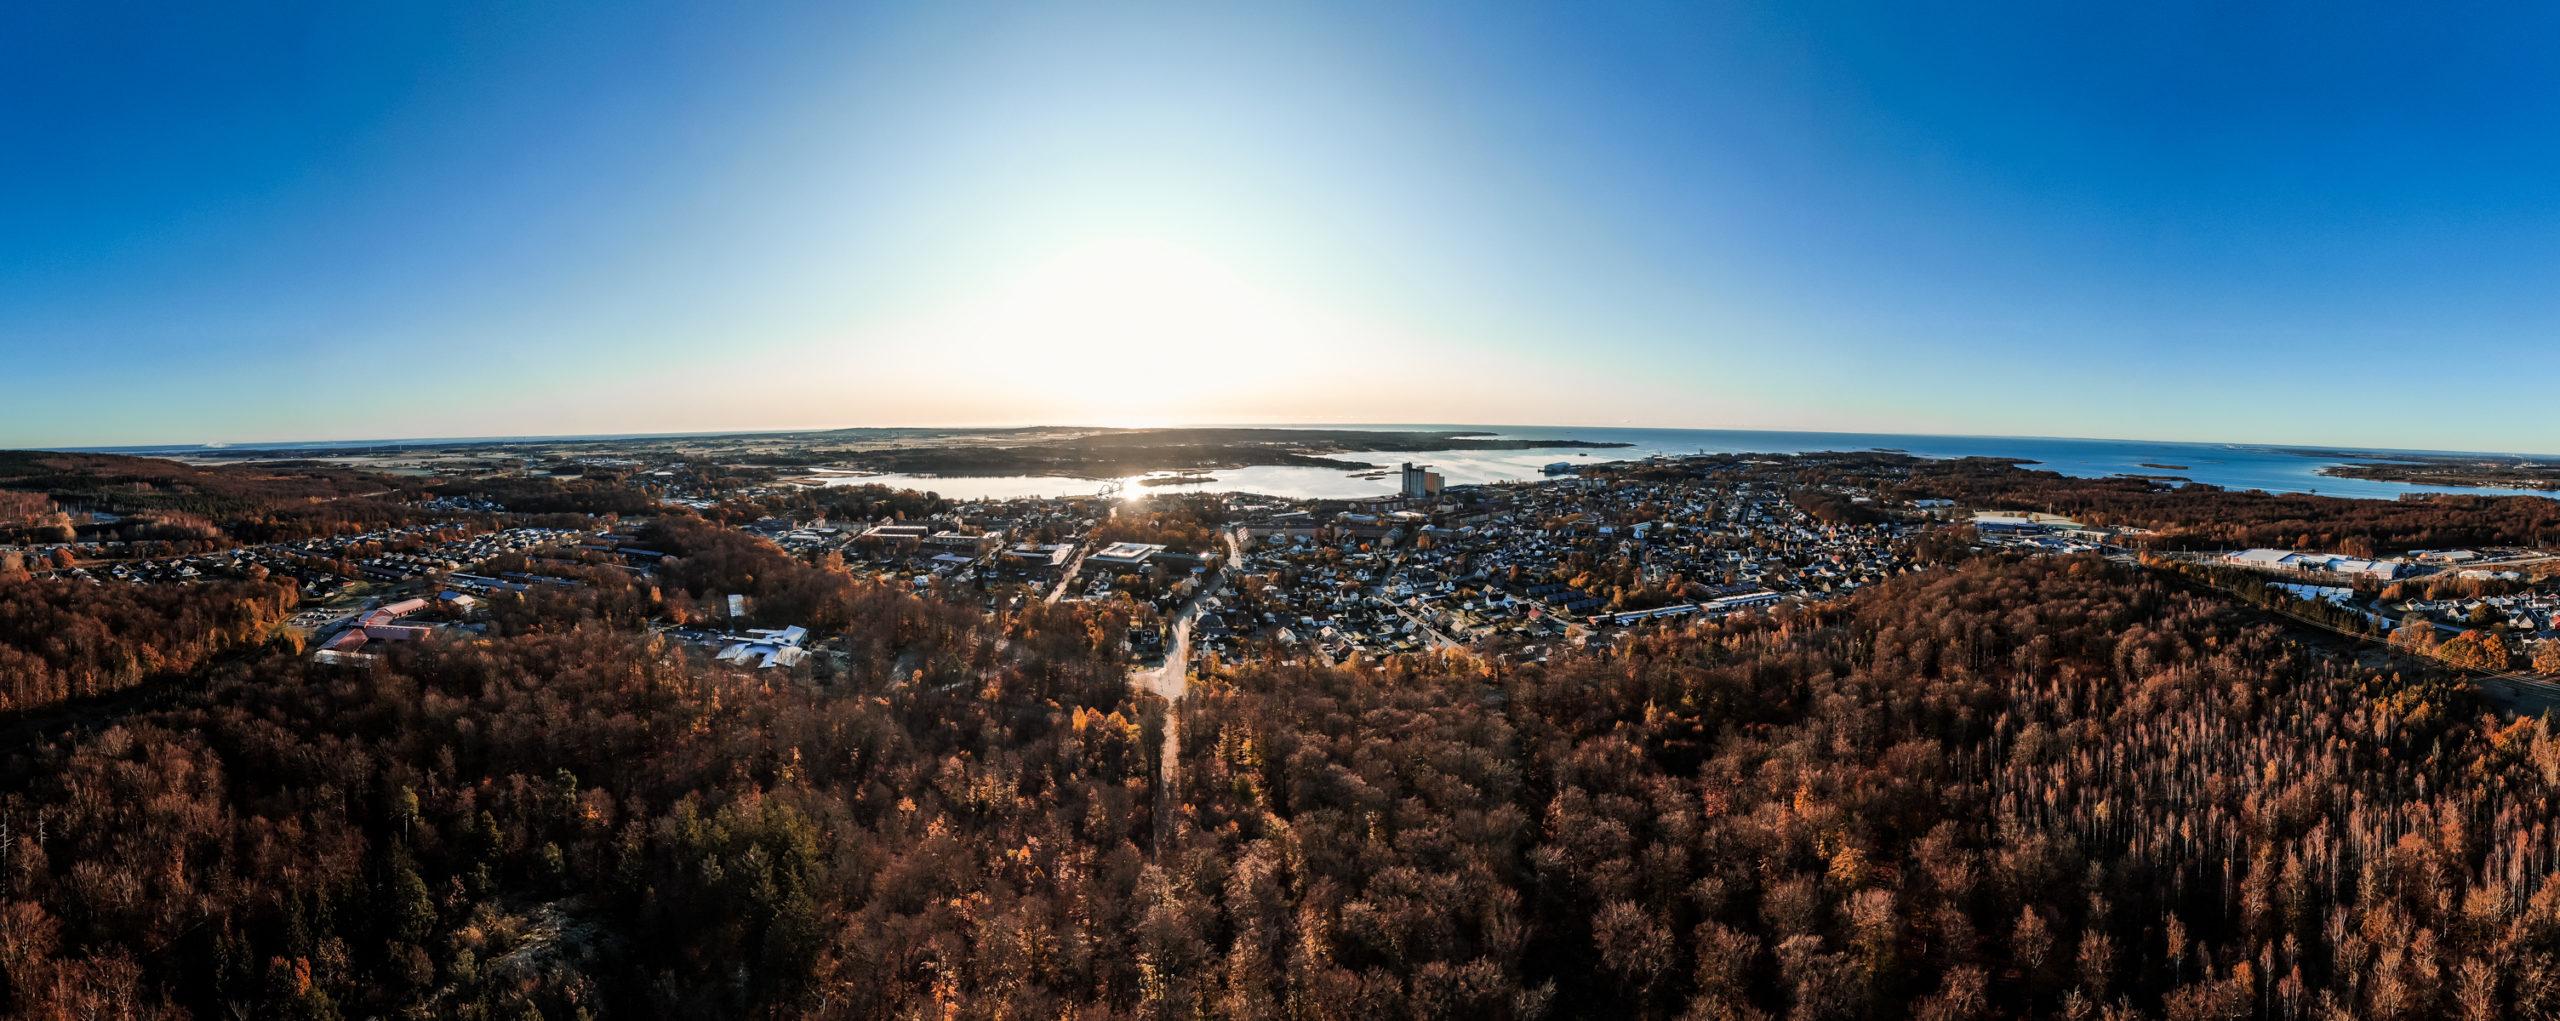 Därför behöver Sverige en diversifierad bankmarknad